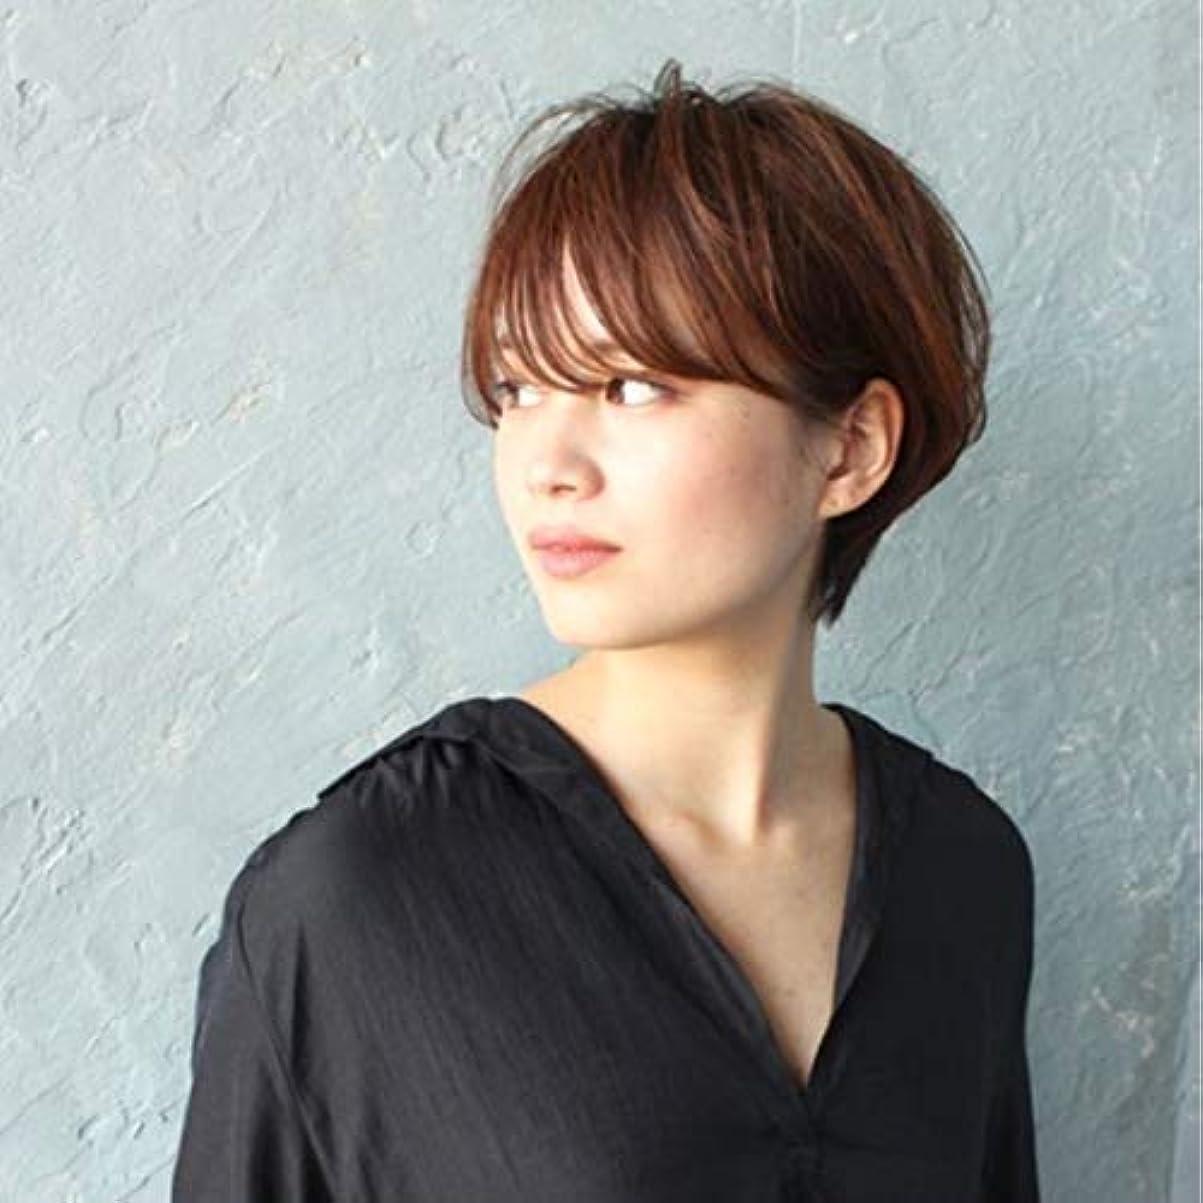 容量好色な中古Kerwinner ウィッグショートヘア斜め前髪ウィッグヘッドギア自然に見える耐熱性女性用 (Color : Light brown)